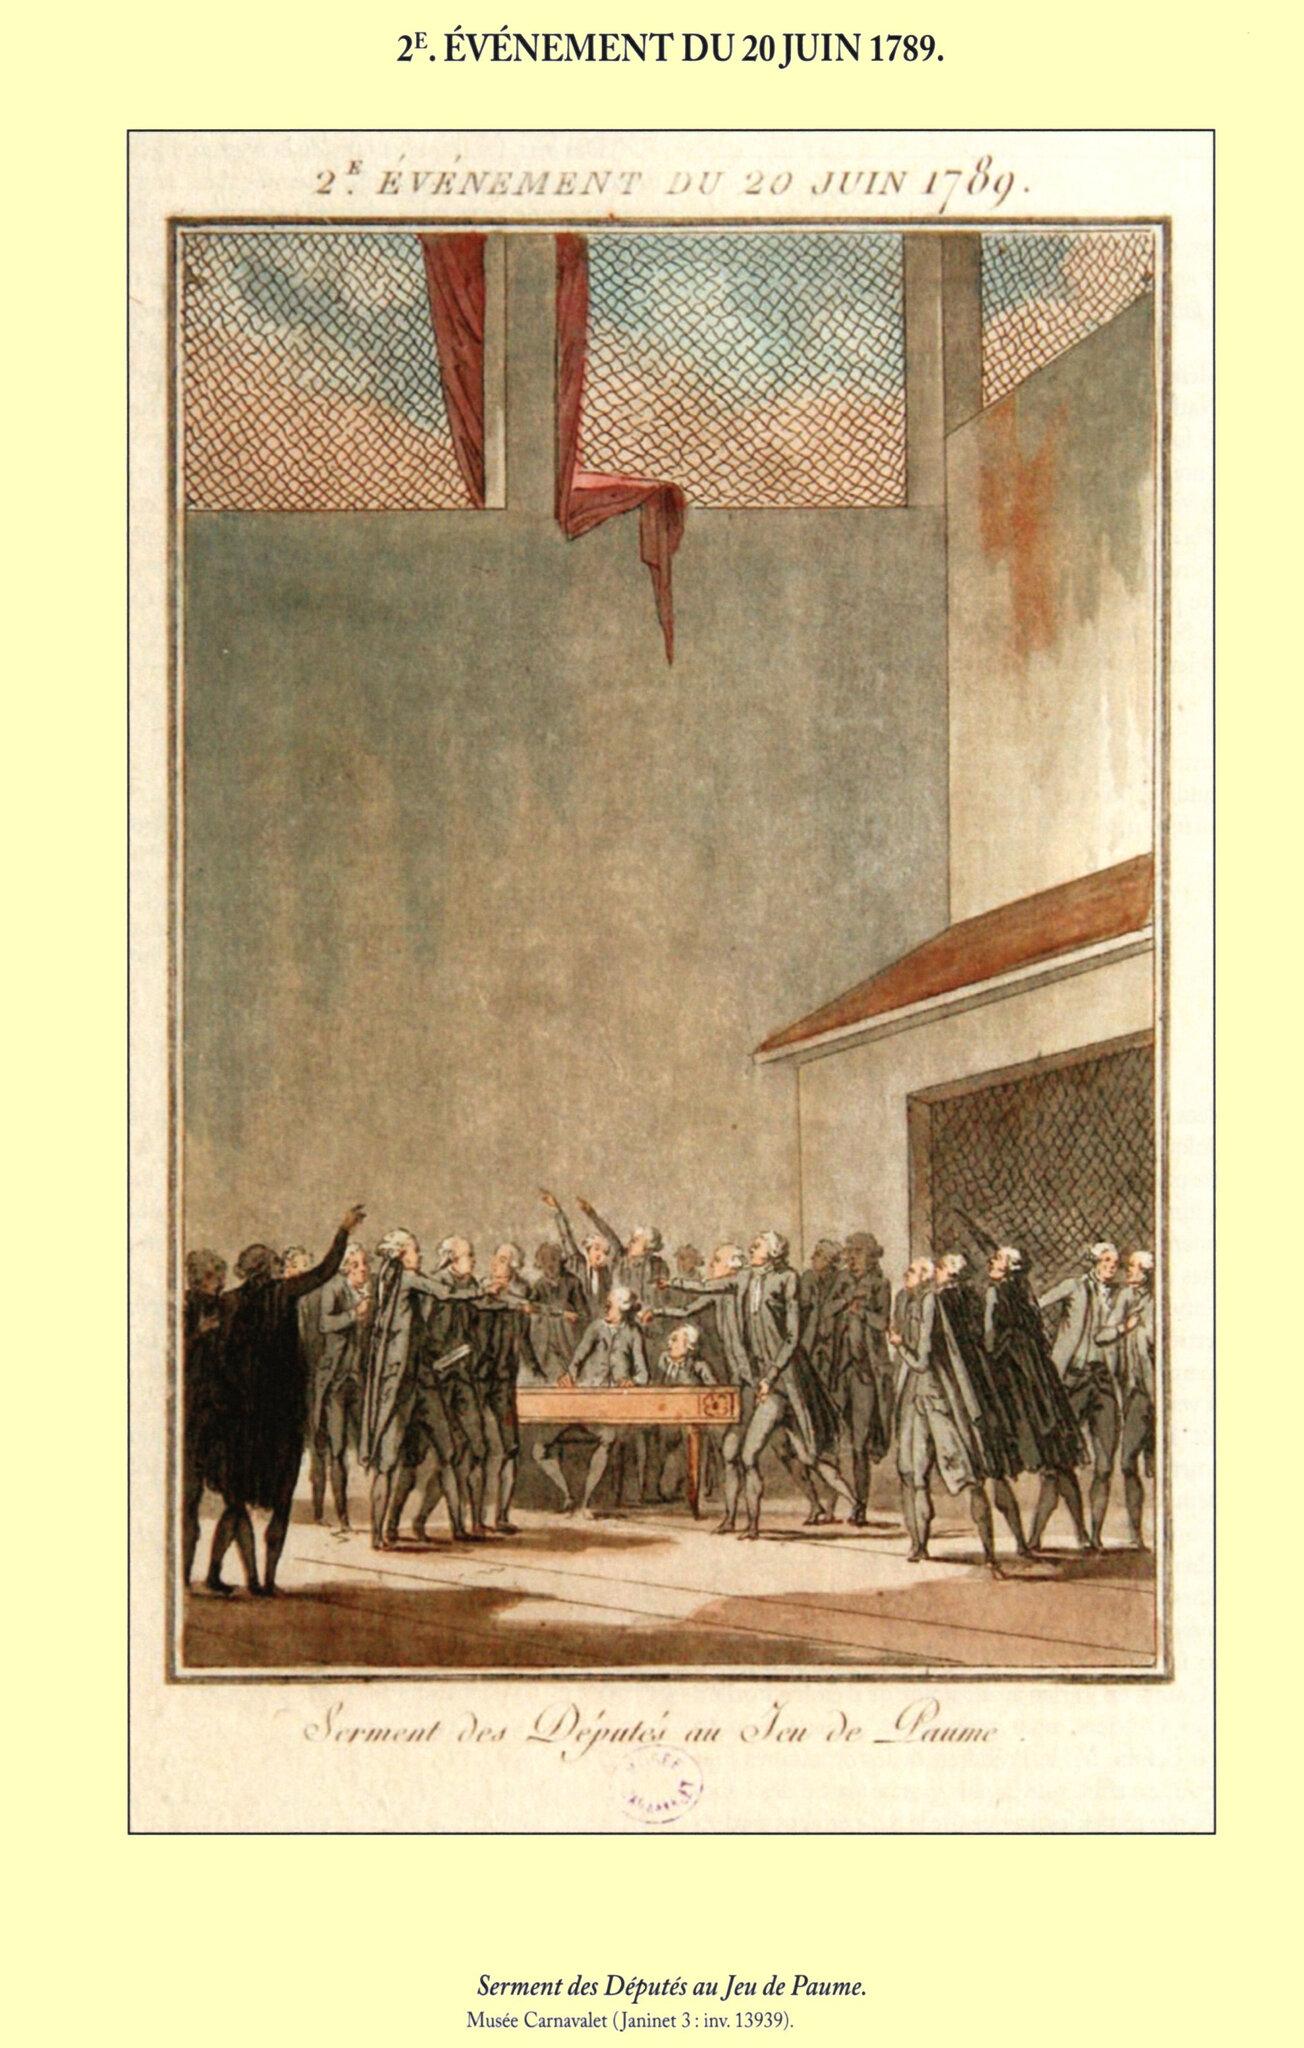 20 Juin 1789 : Serment du jeu de paume.